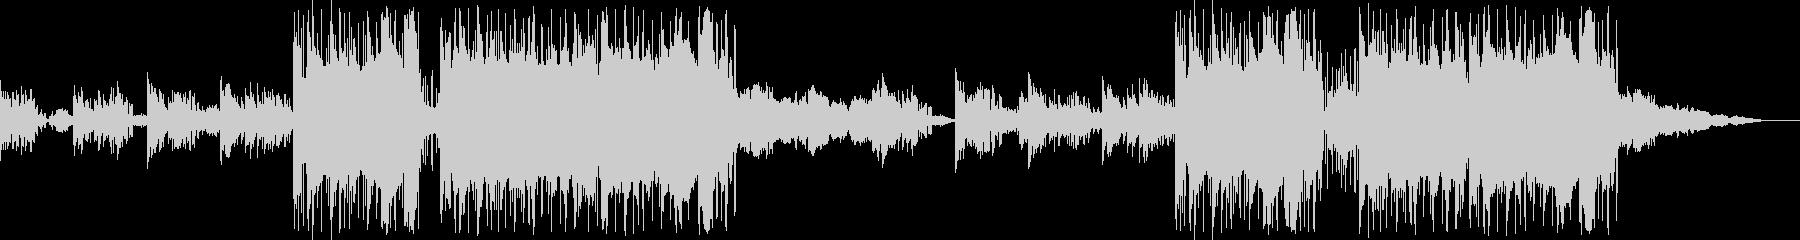 幻想的なピアノのBGMの未再生の波形